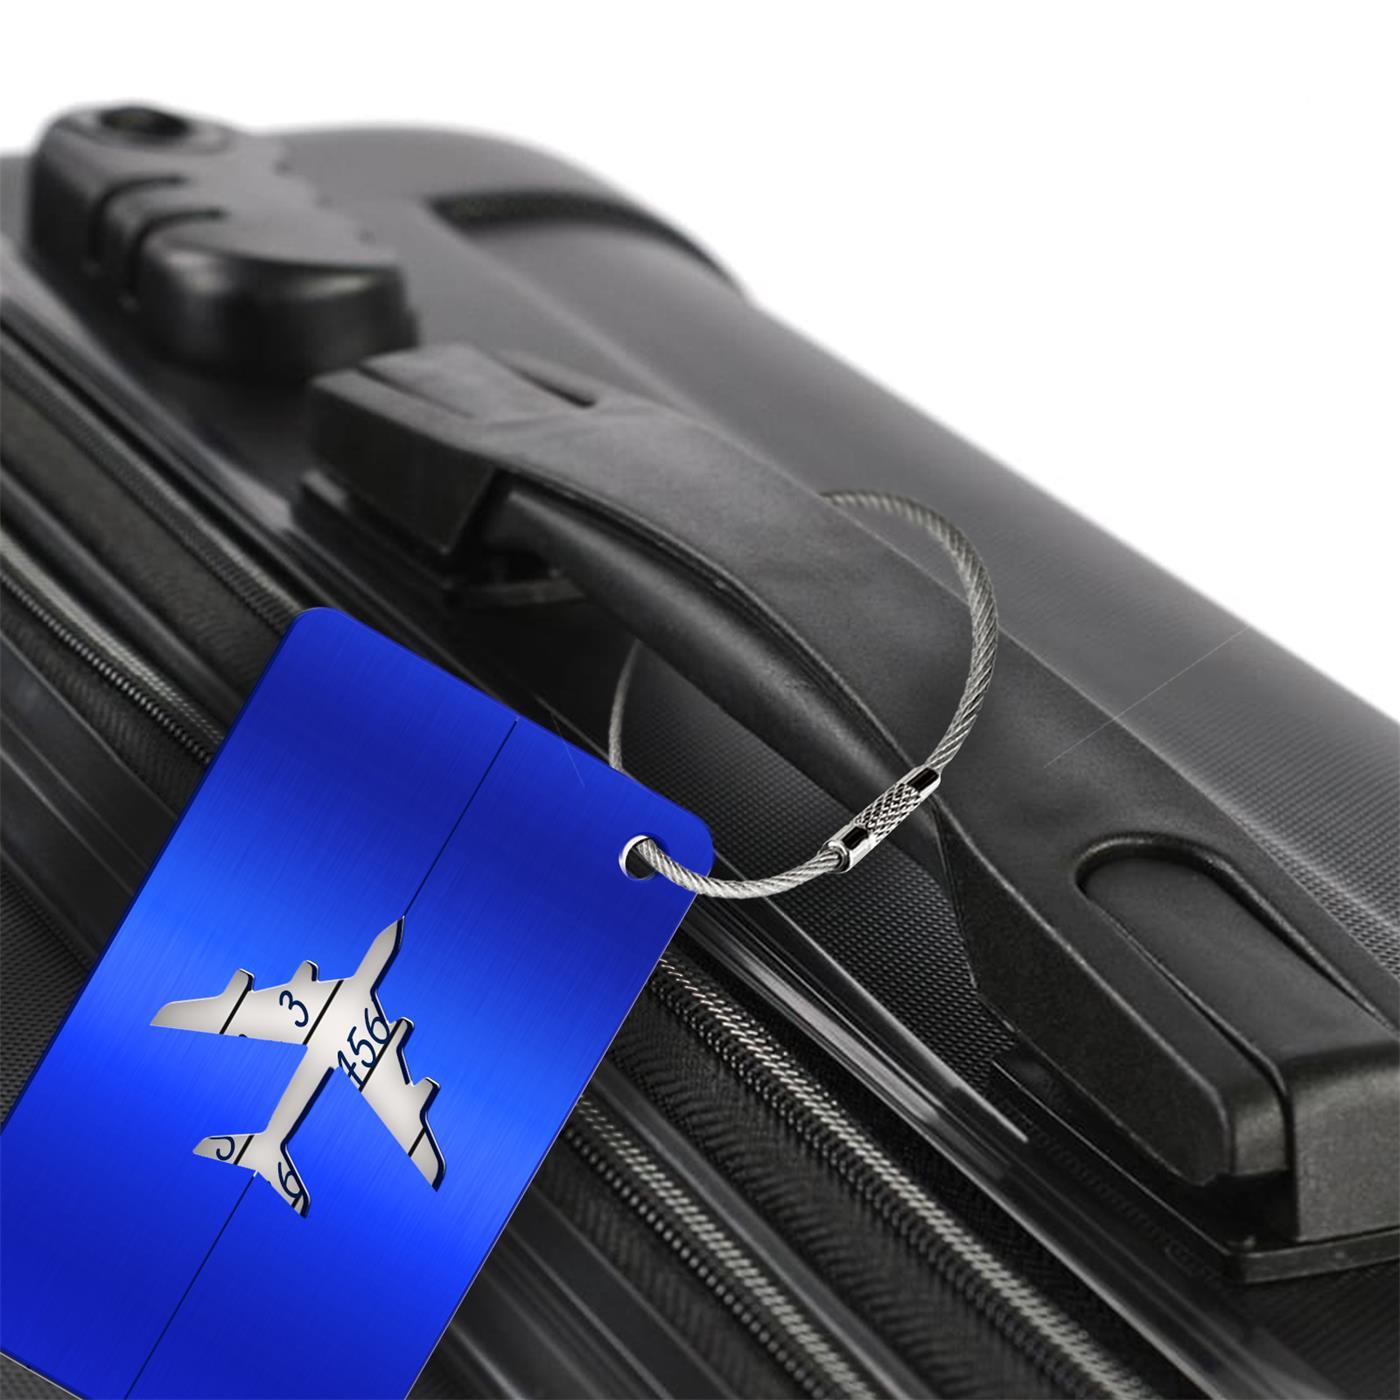 Reise-Kofferanhaenger-Namensschild-Gepaeck-Anhaenger-Schild-Urlaub-Flugzeug-Trolley Indexbild 9